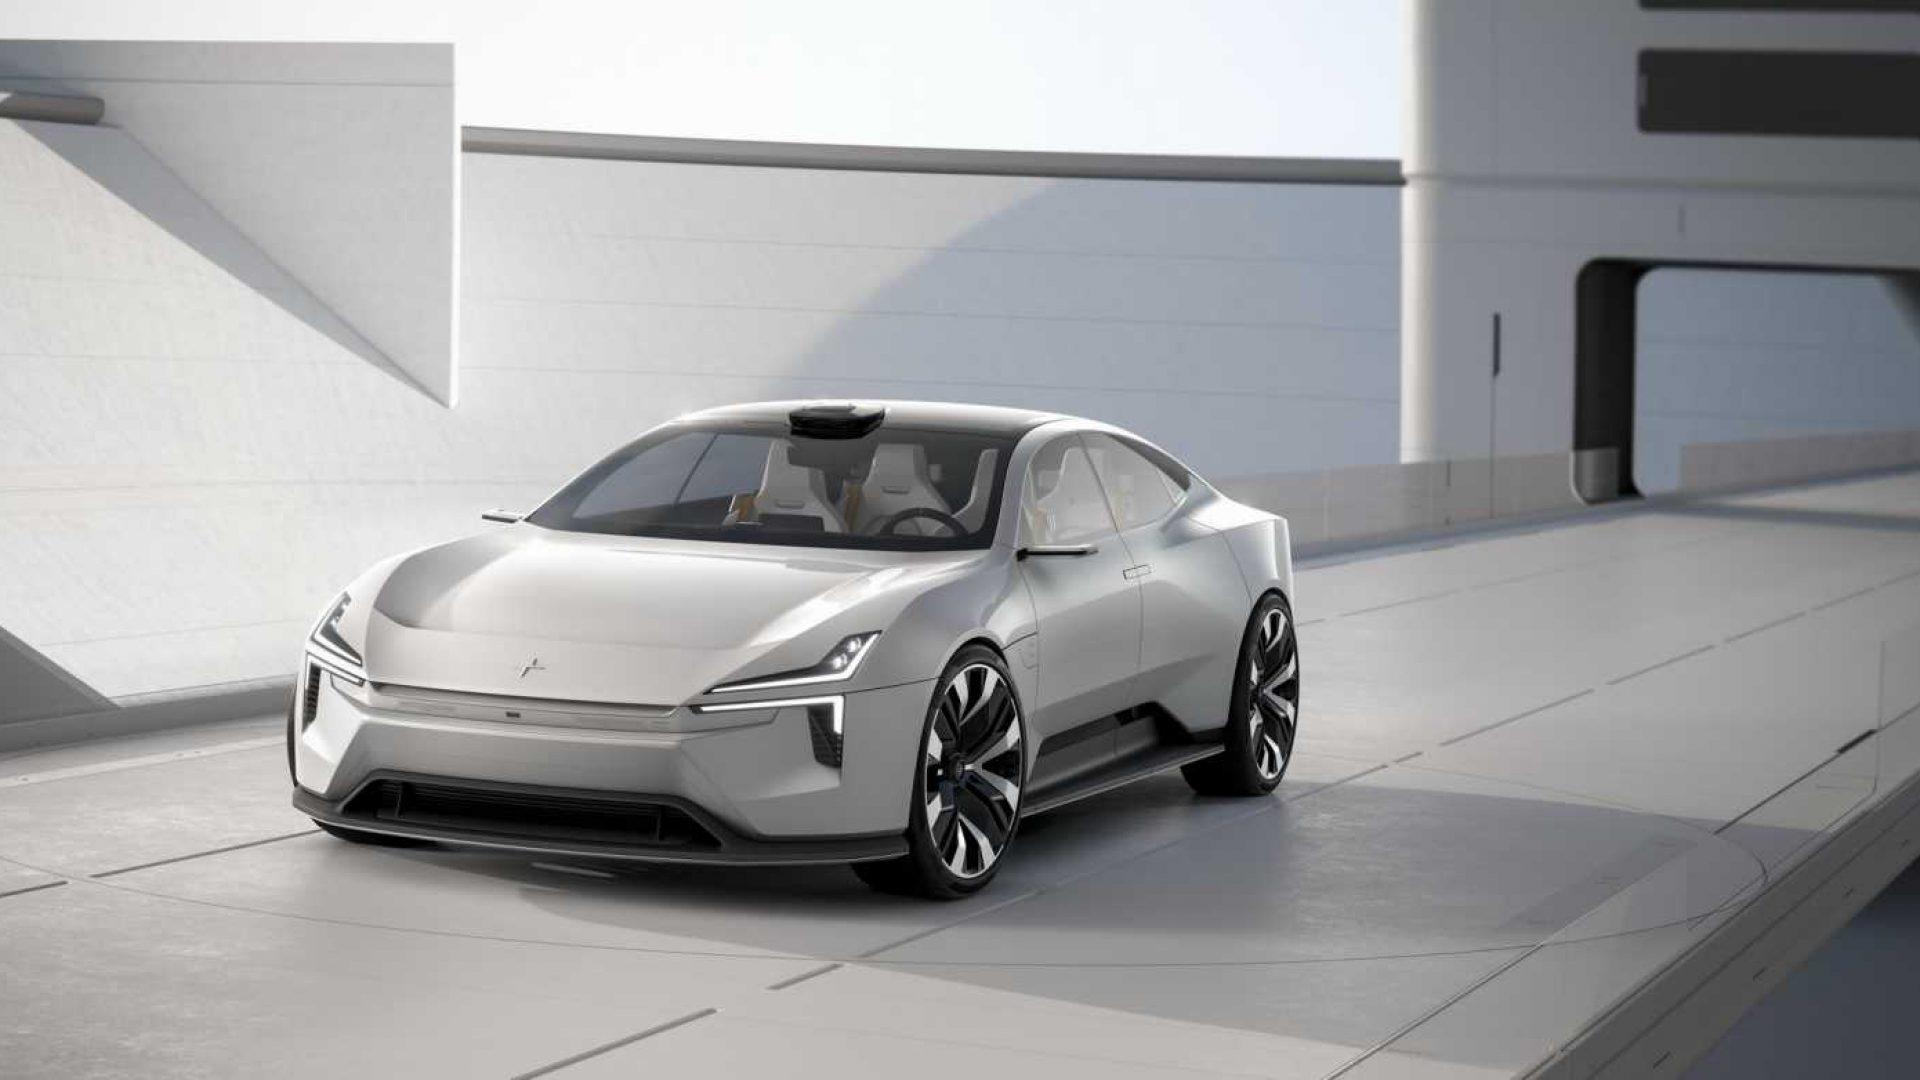 2020-Polestar-Precept-Concept-02